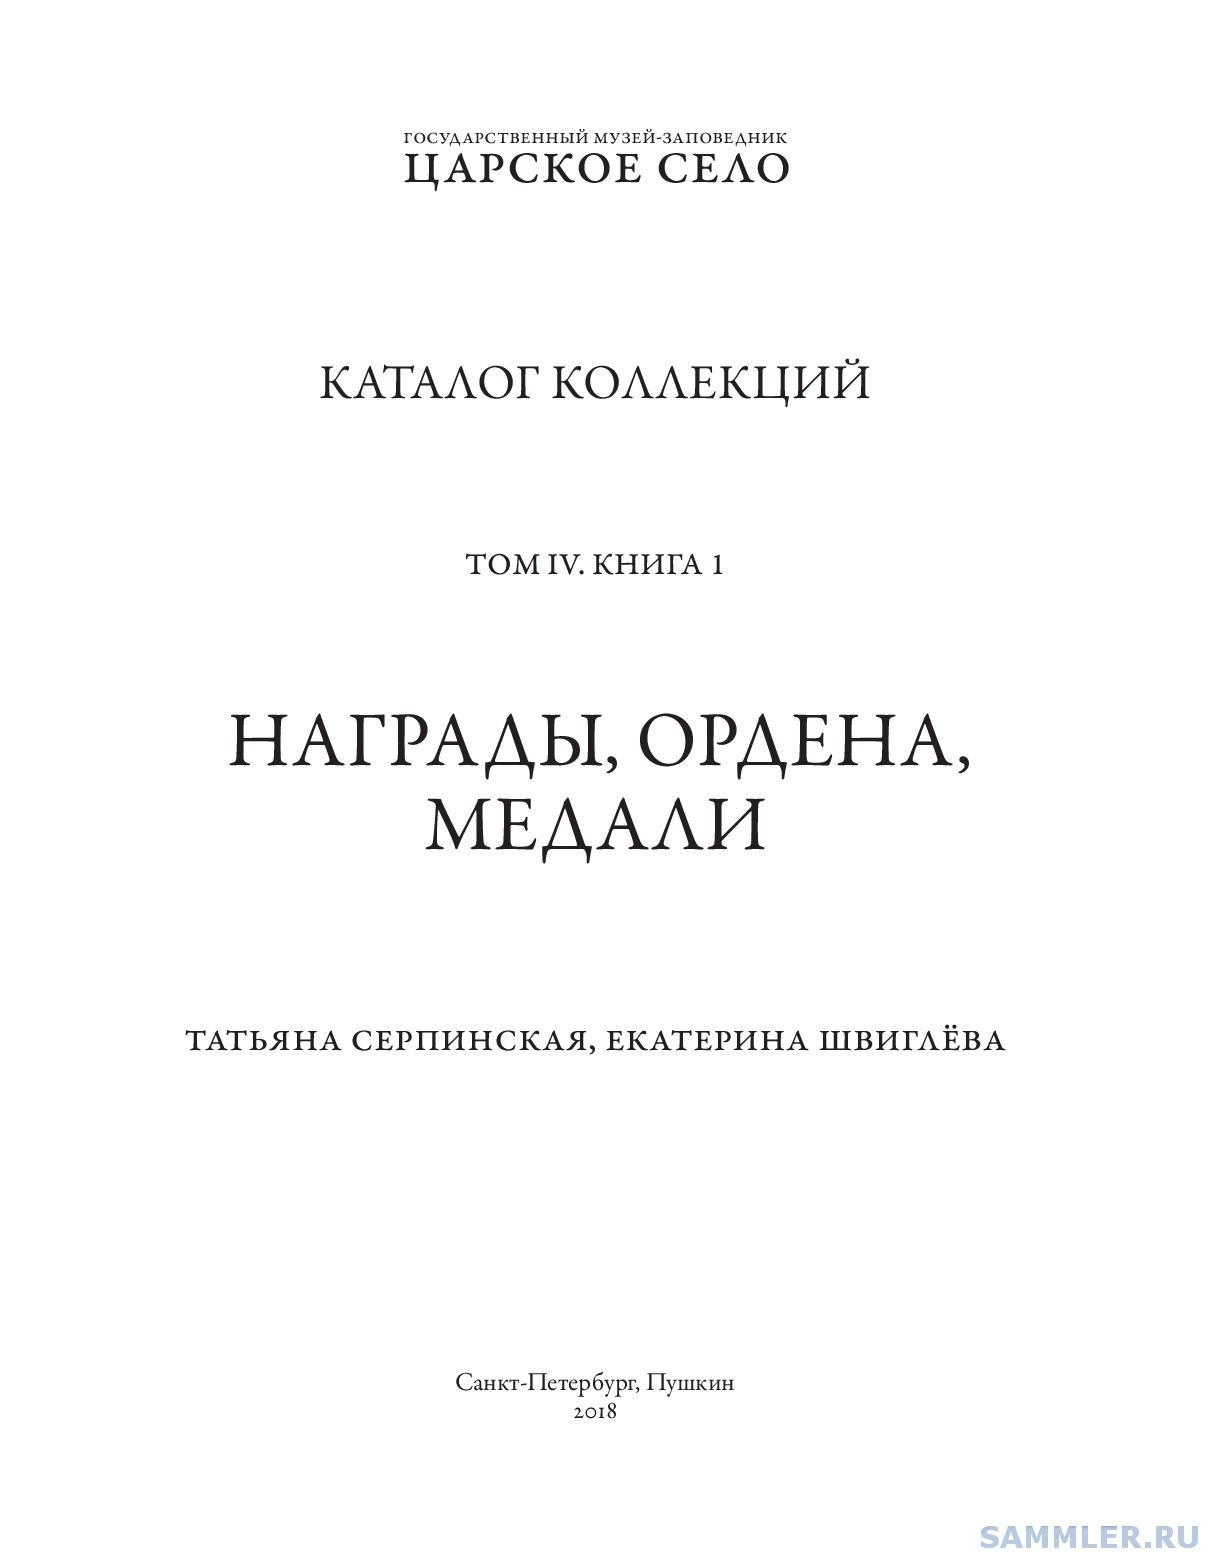 Serpinskaya_T_V__Shviglyova_E_N_Katalog_kollektsii_Nagrady_ordena_medali-4-4-001.jpg